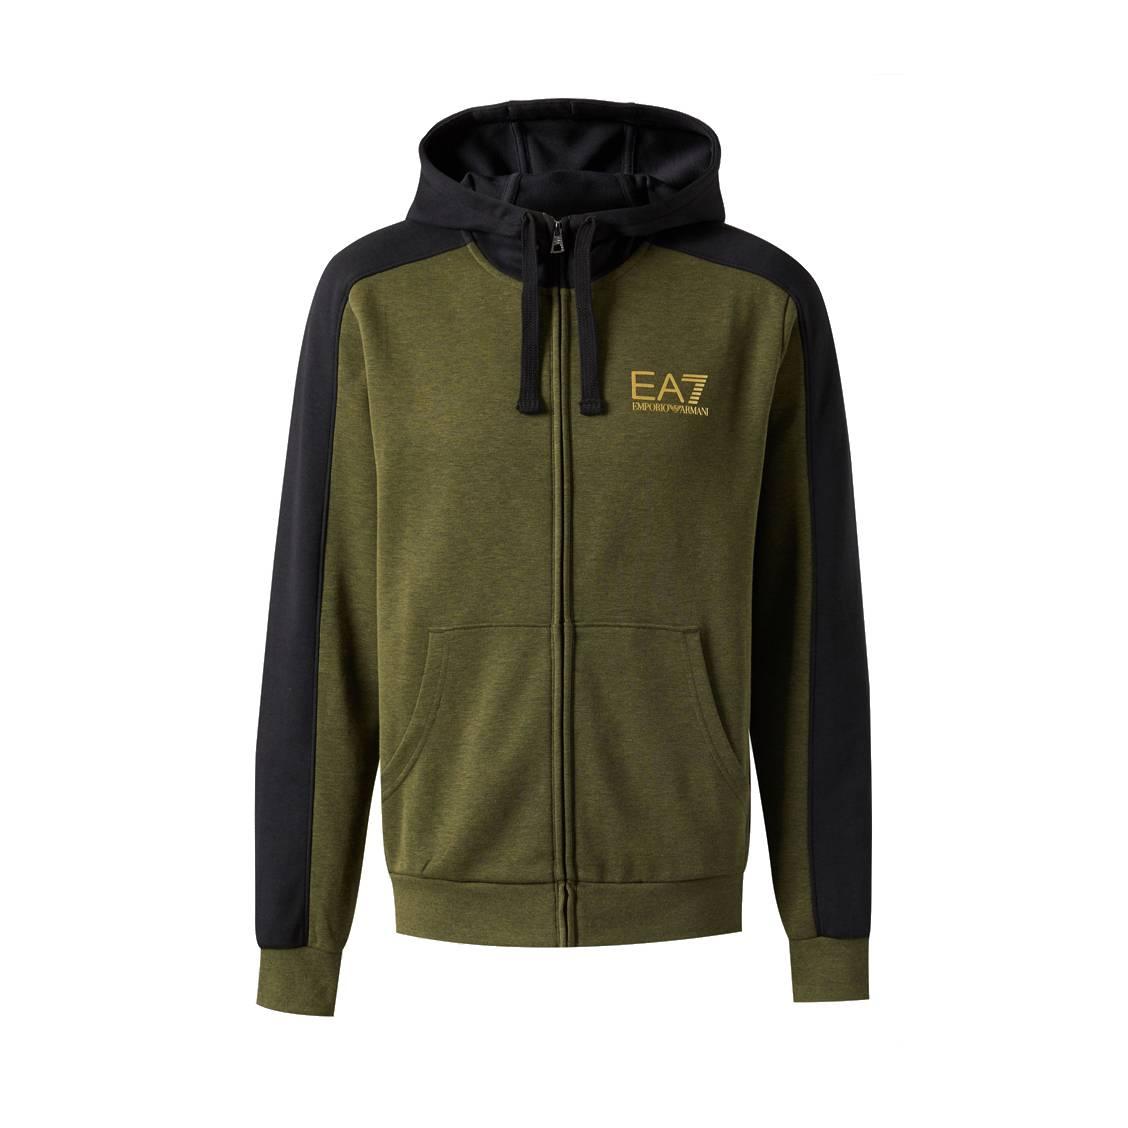 aa5e97824db12 Sweat zippe EA7 en coton vert chine et noir floque en noir et dore-1-2 1128x1128.jpg